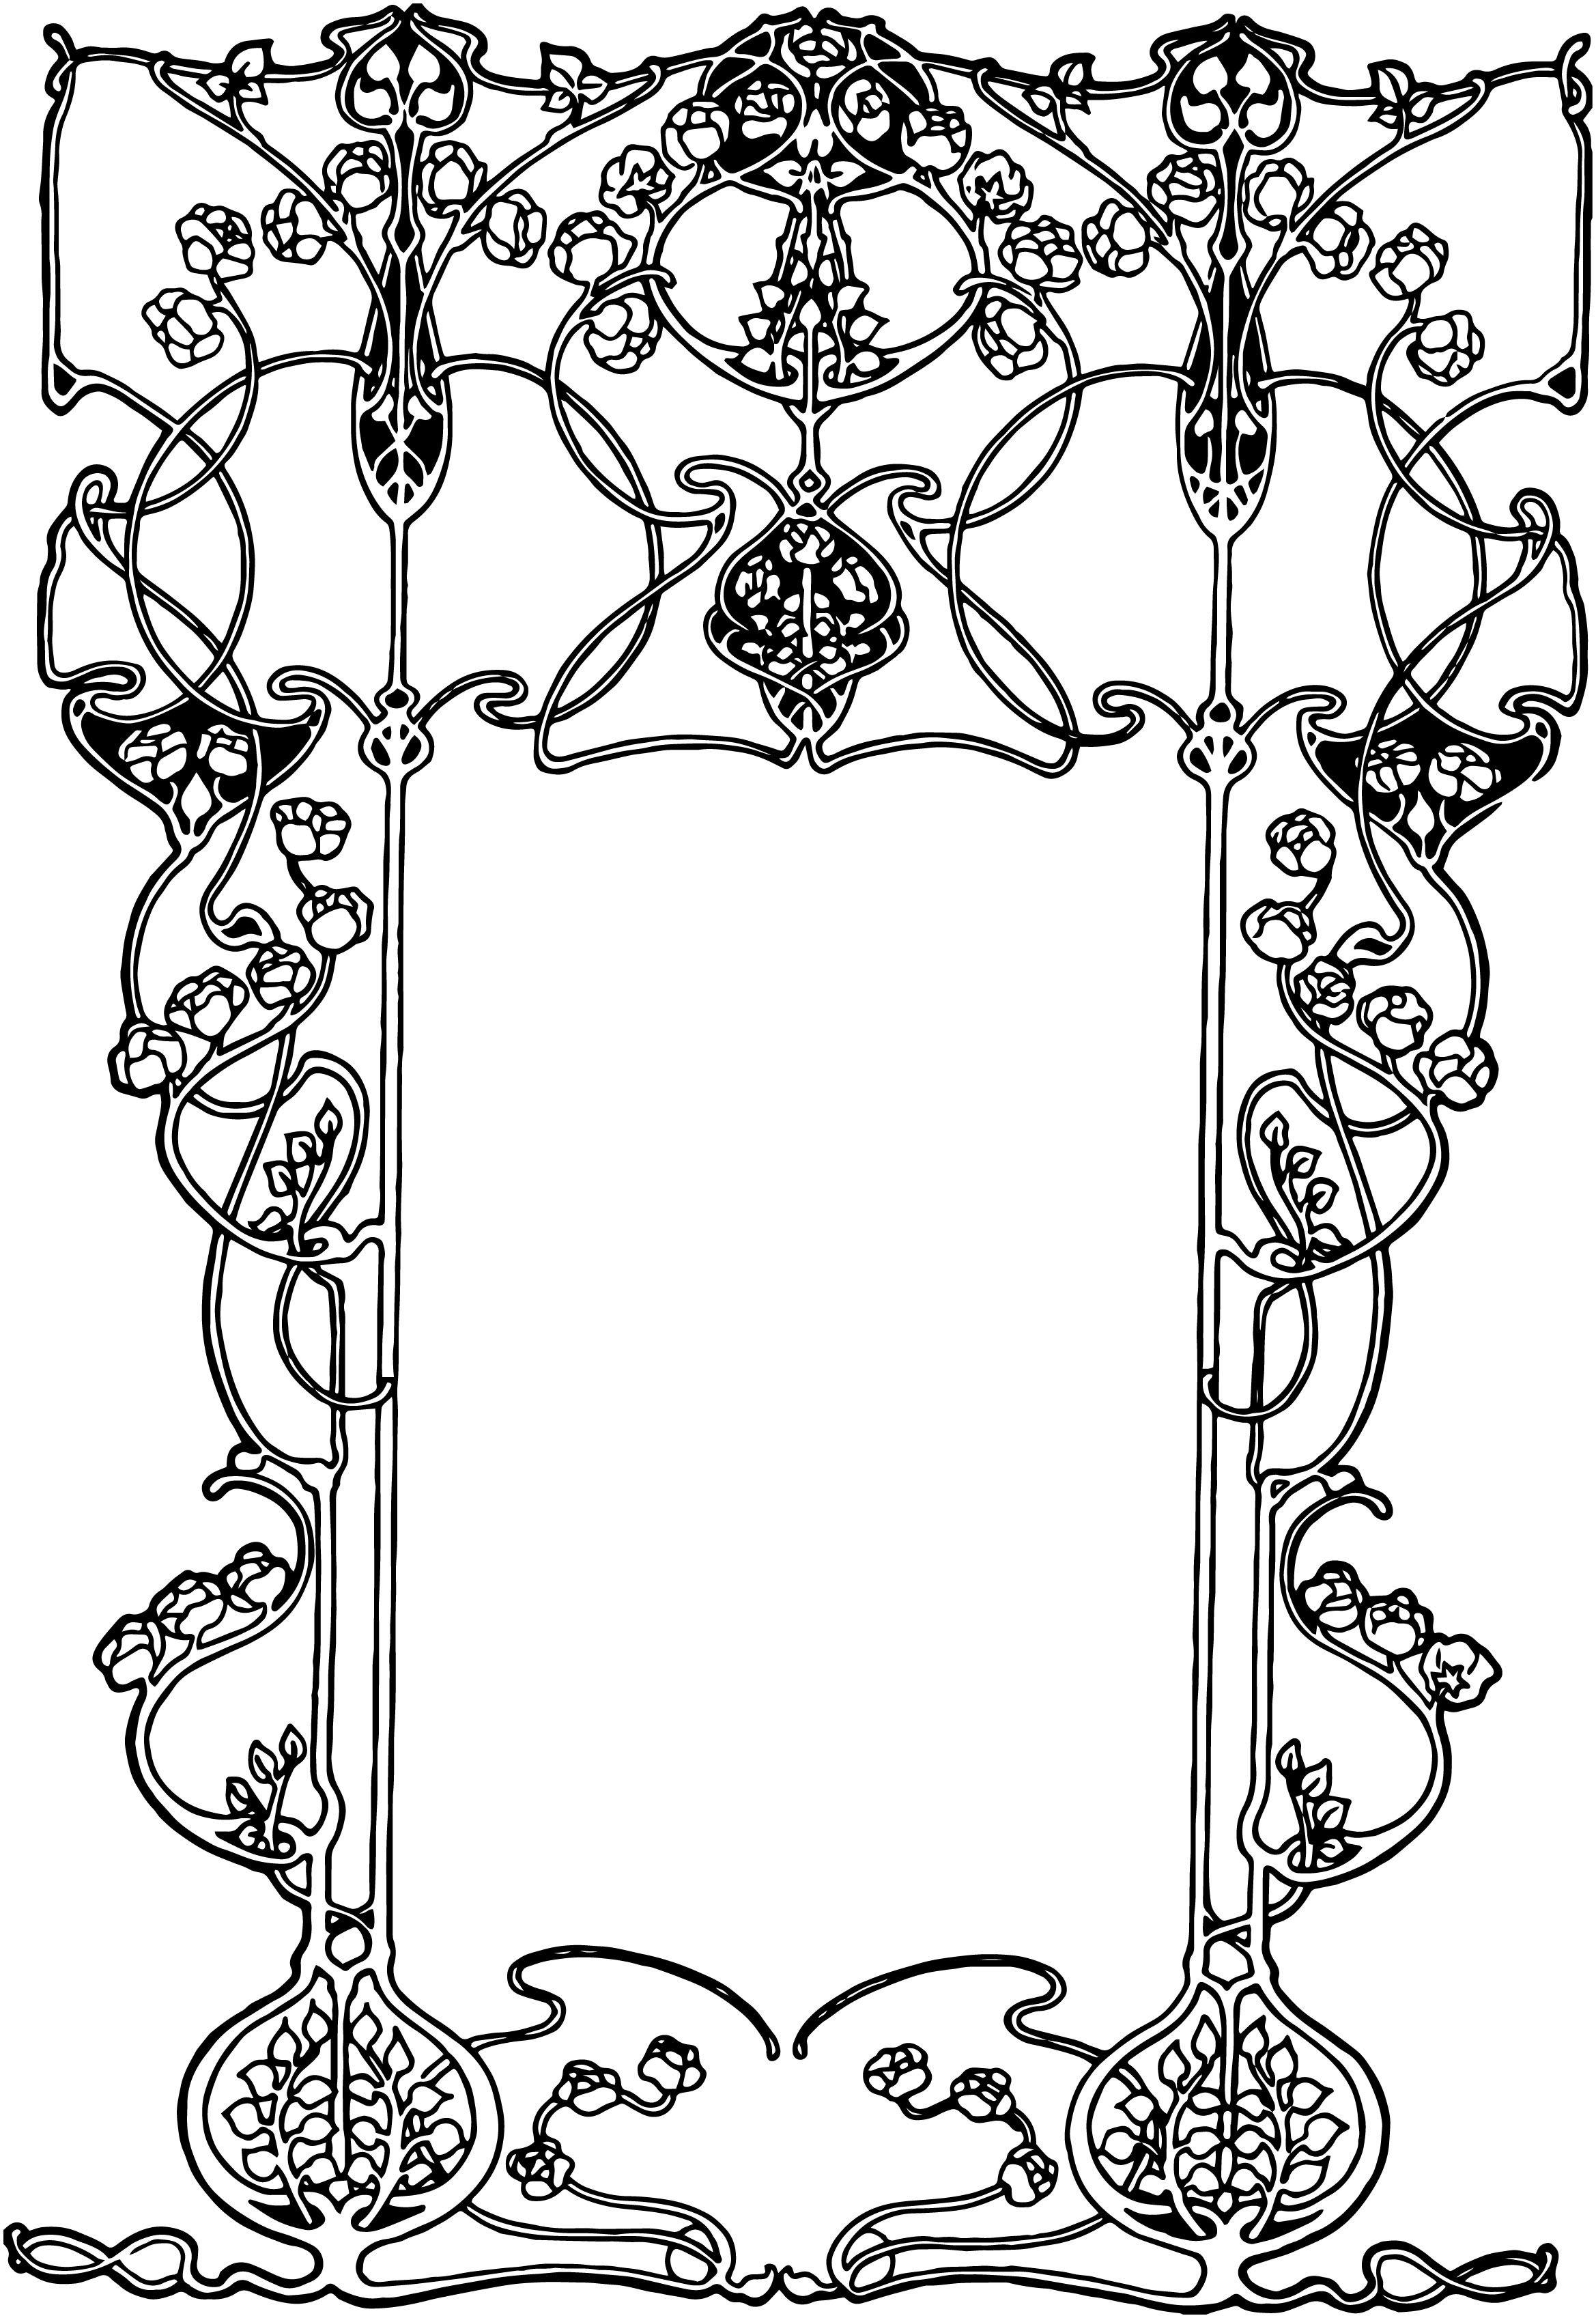 free vintage image art nouveau ornate floral border vintage rh pinterest co uk art deco vector art art deco vector